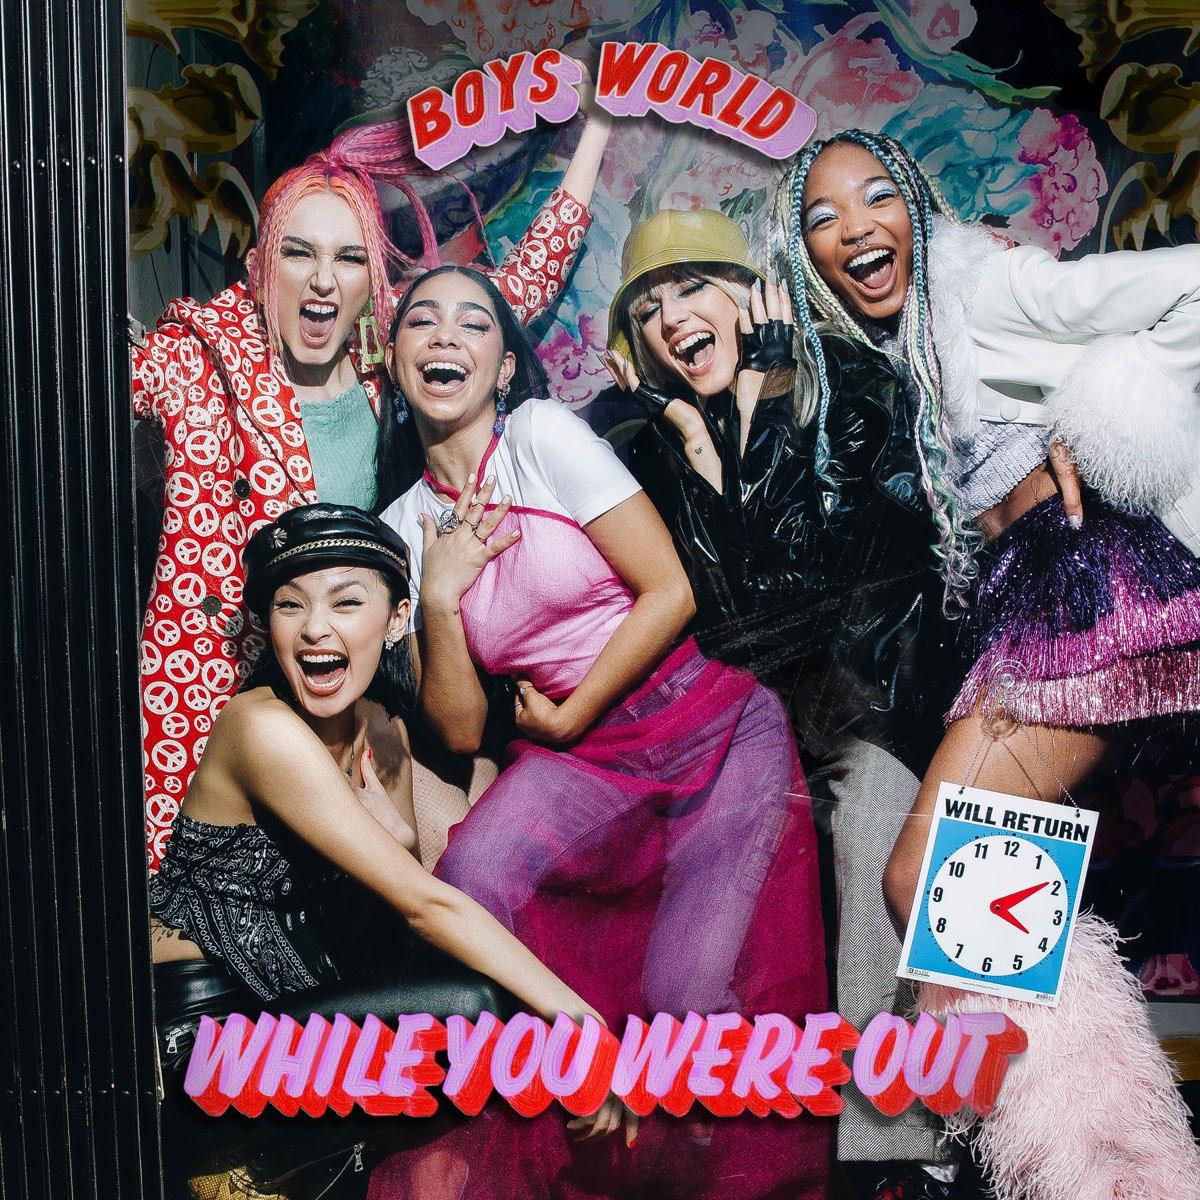 Capa do EP. Nela vemos uma porção de meninas sorrindo o nome da banda no topo em fonte rosa e o nome do EP embaixo, com a mesma fonte.